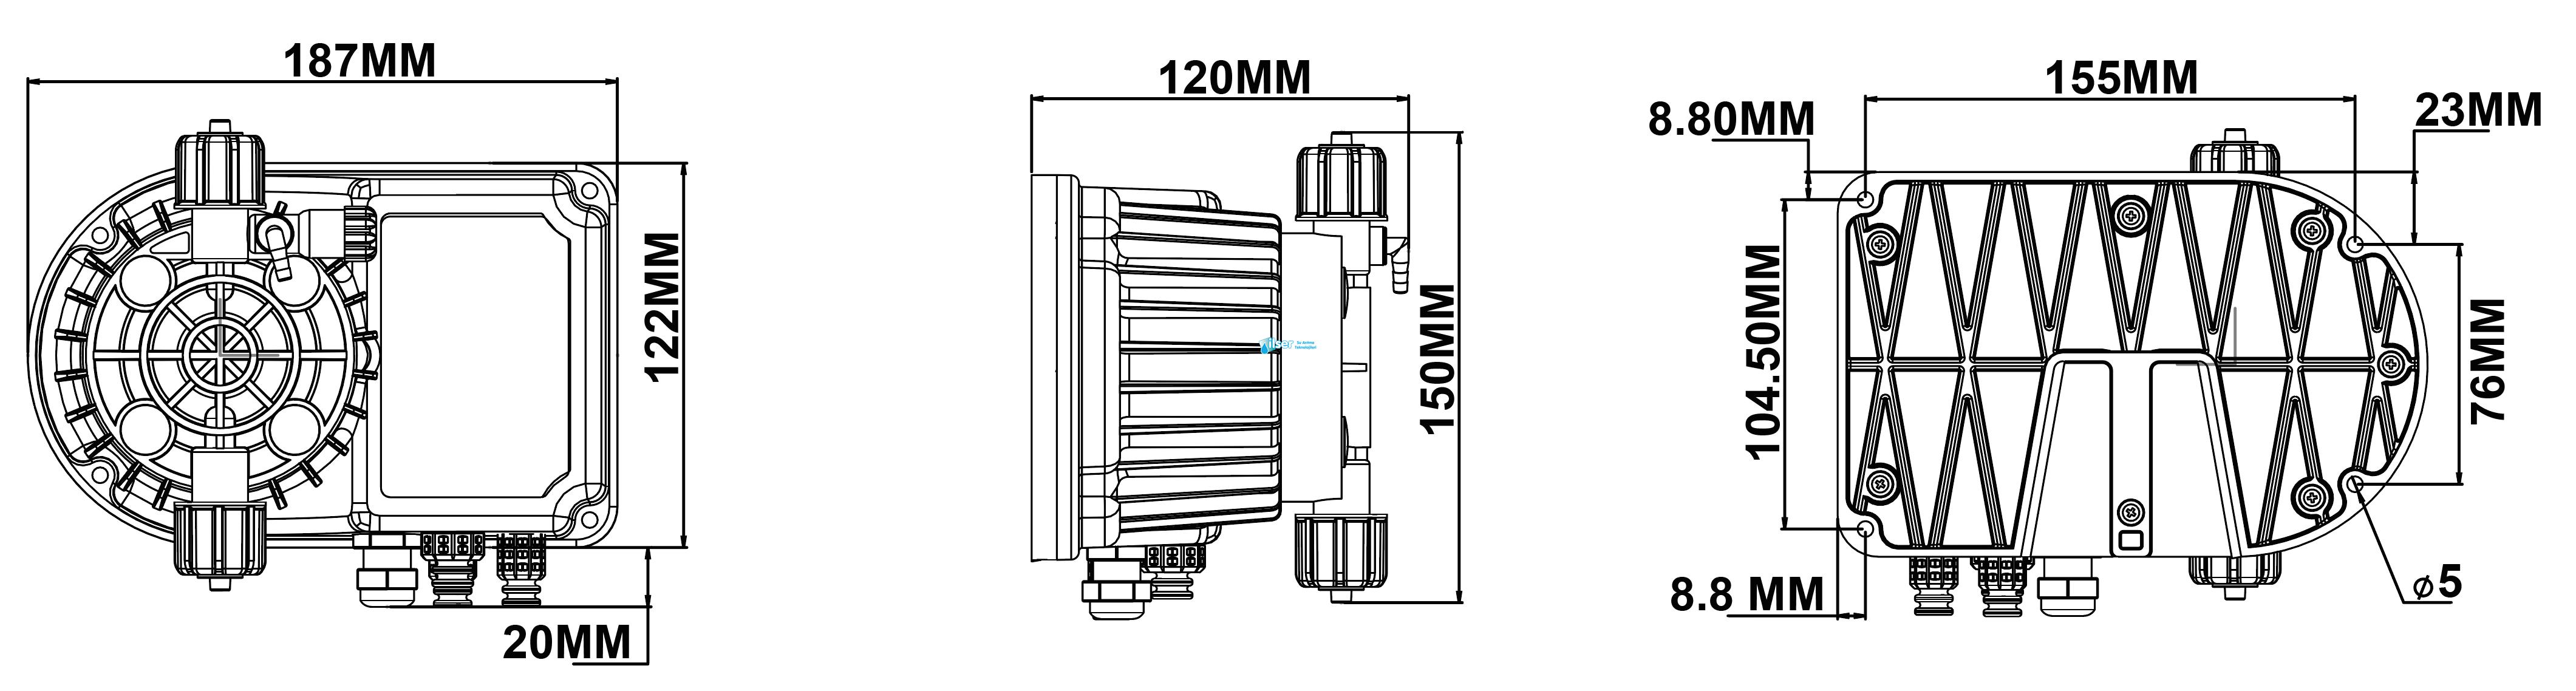 Antech DP LARA APS 10L/5B V220FAT 10 Dozaj Pompası